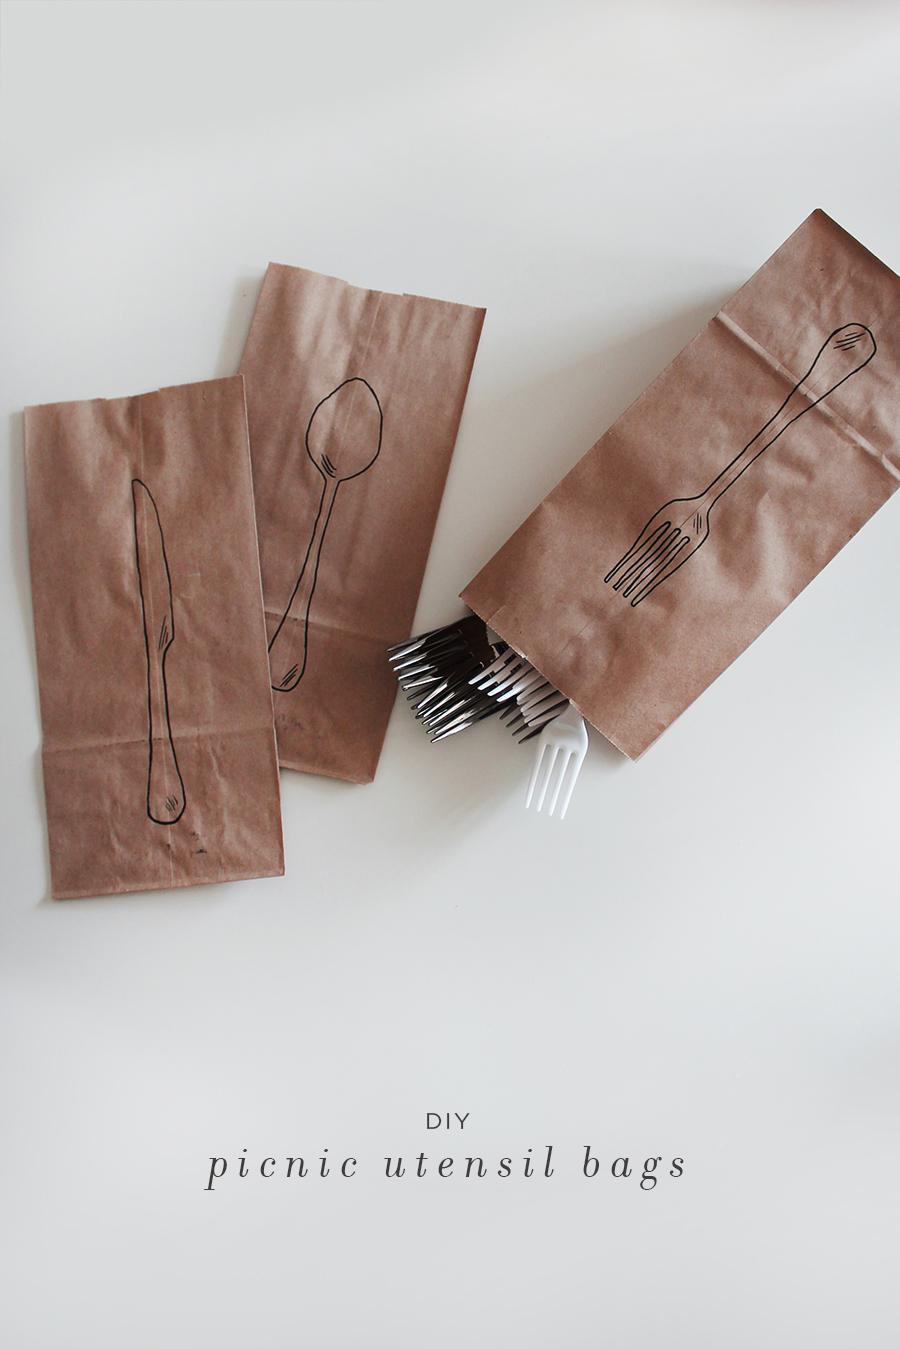 diy picnic utensil bags copy